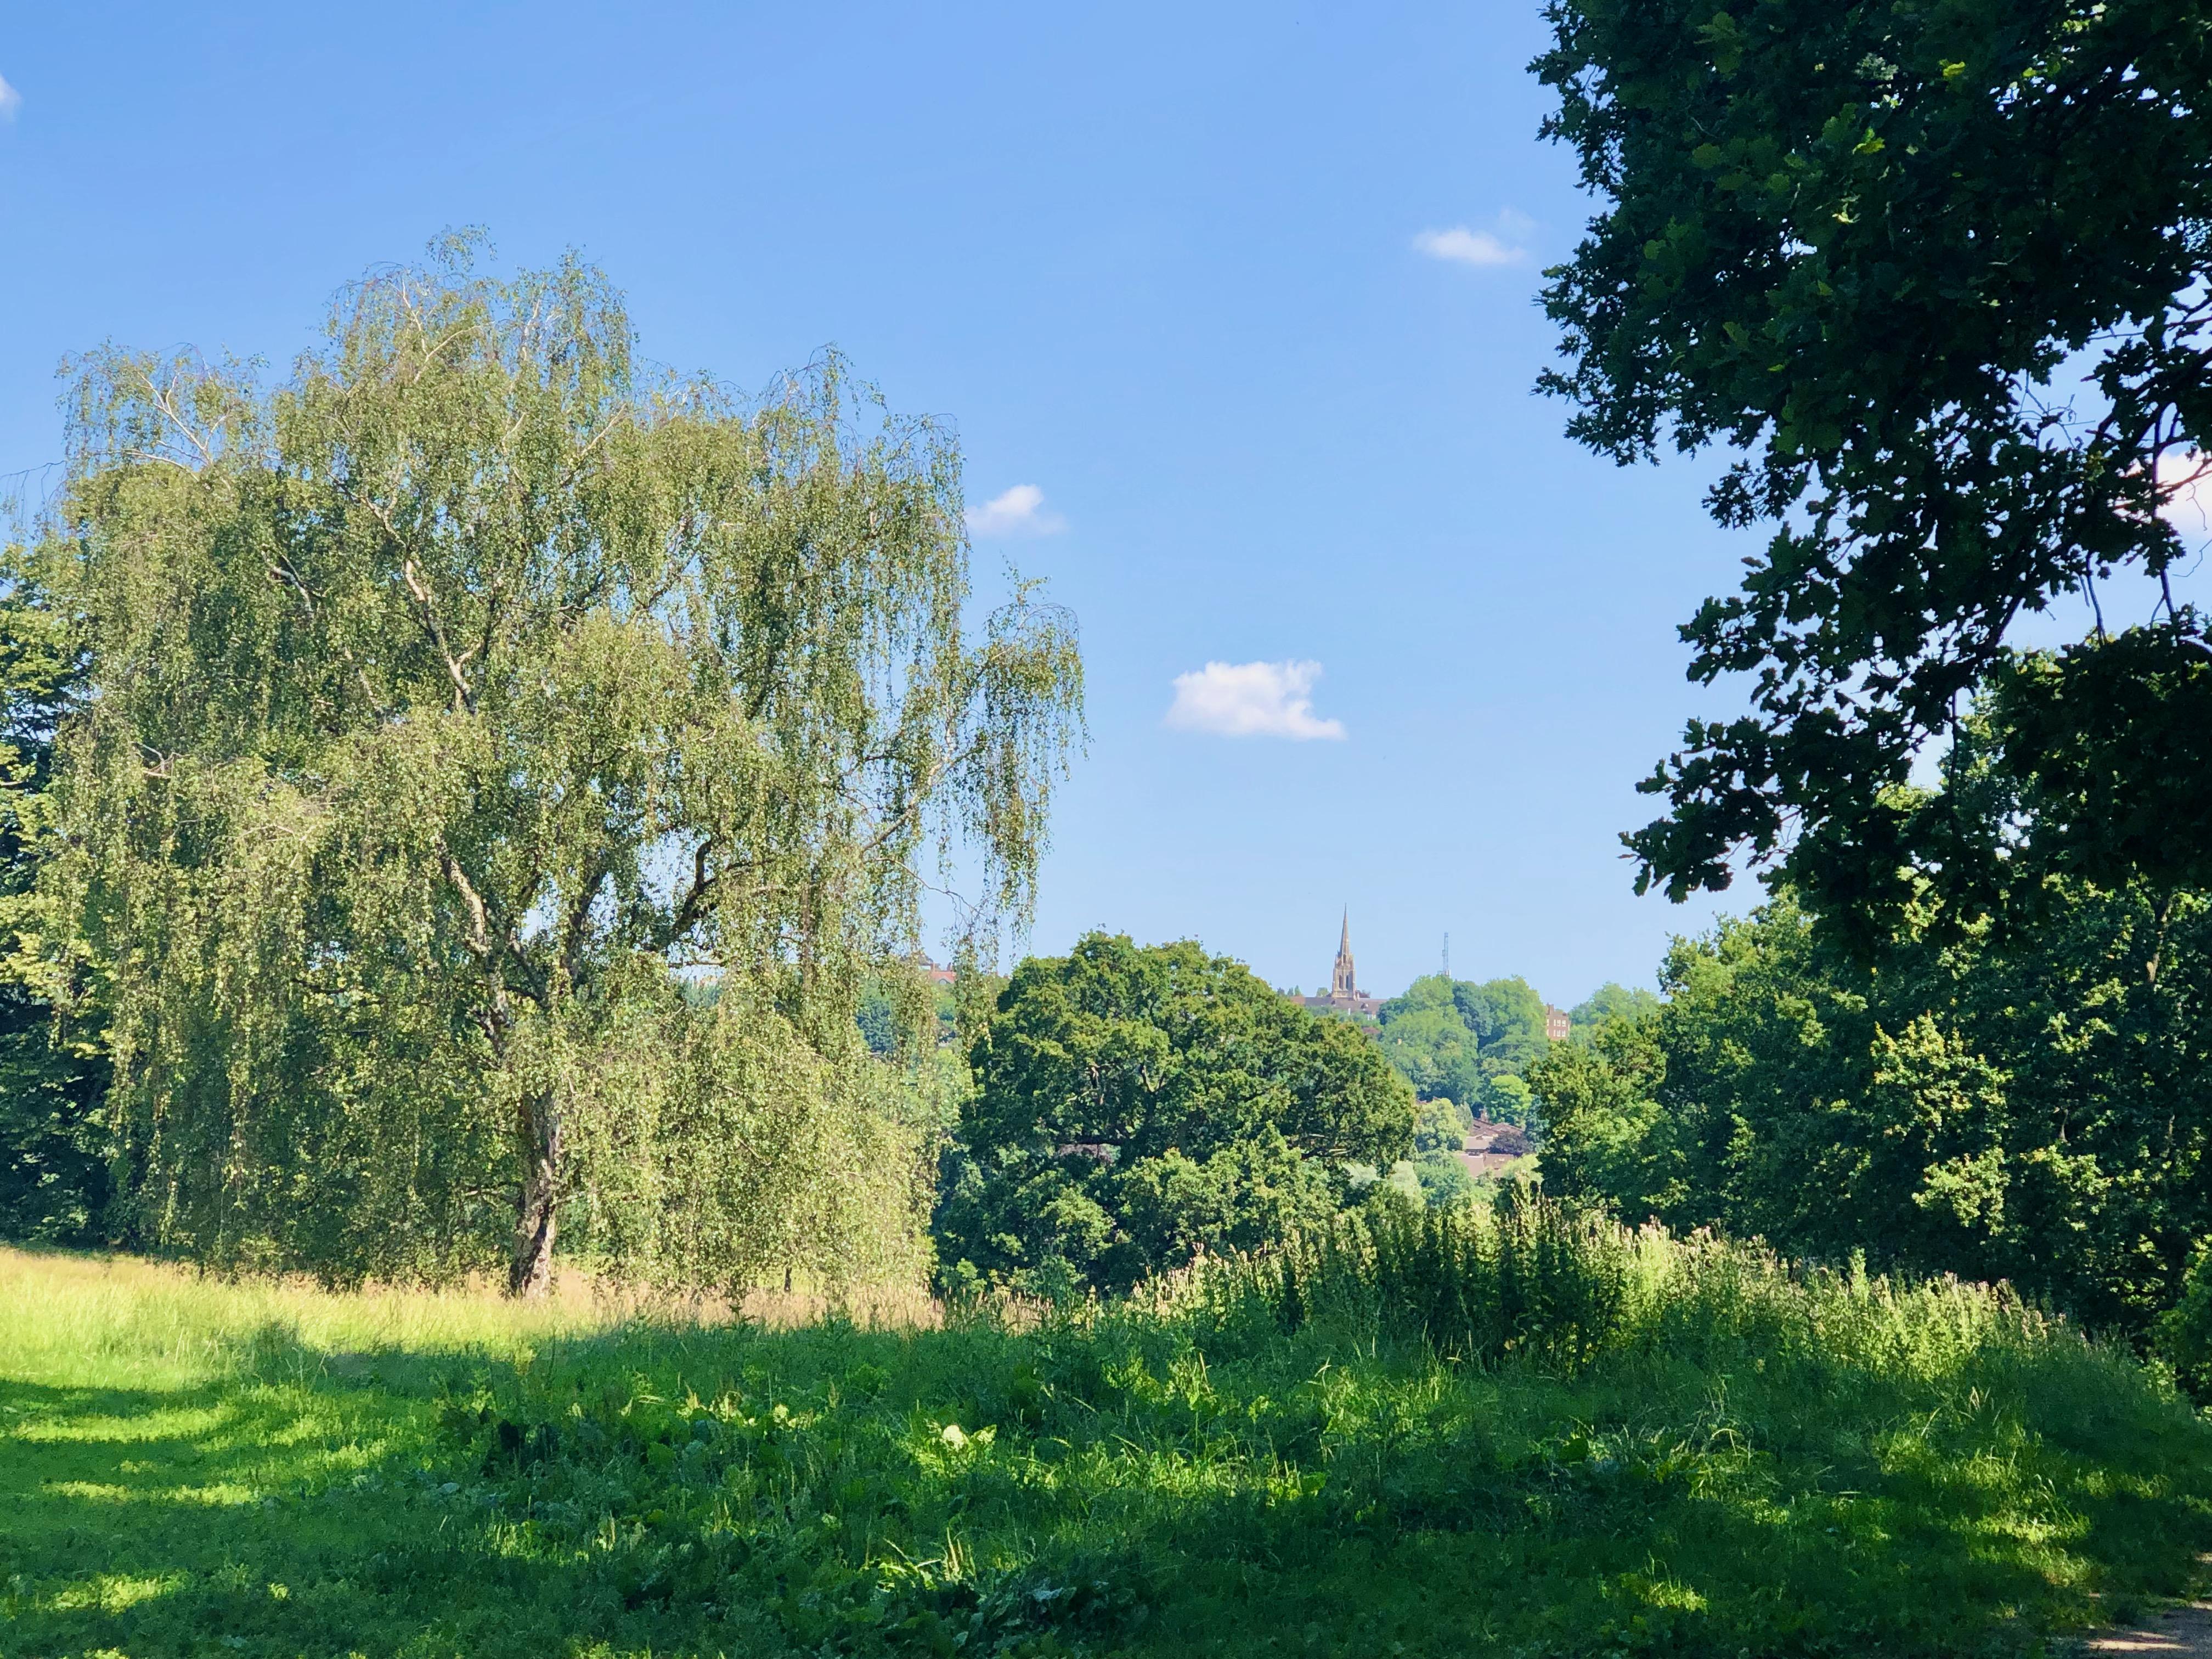 hampstead heath with church